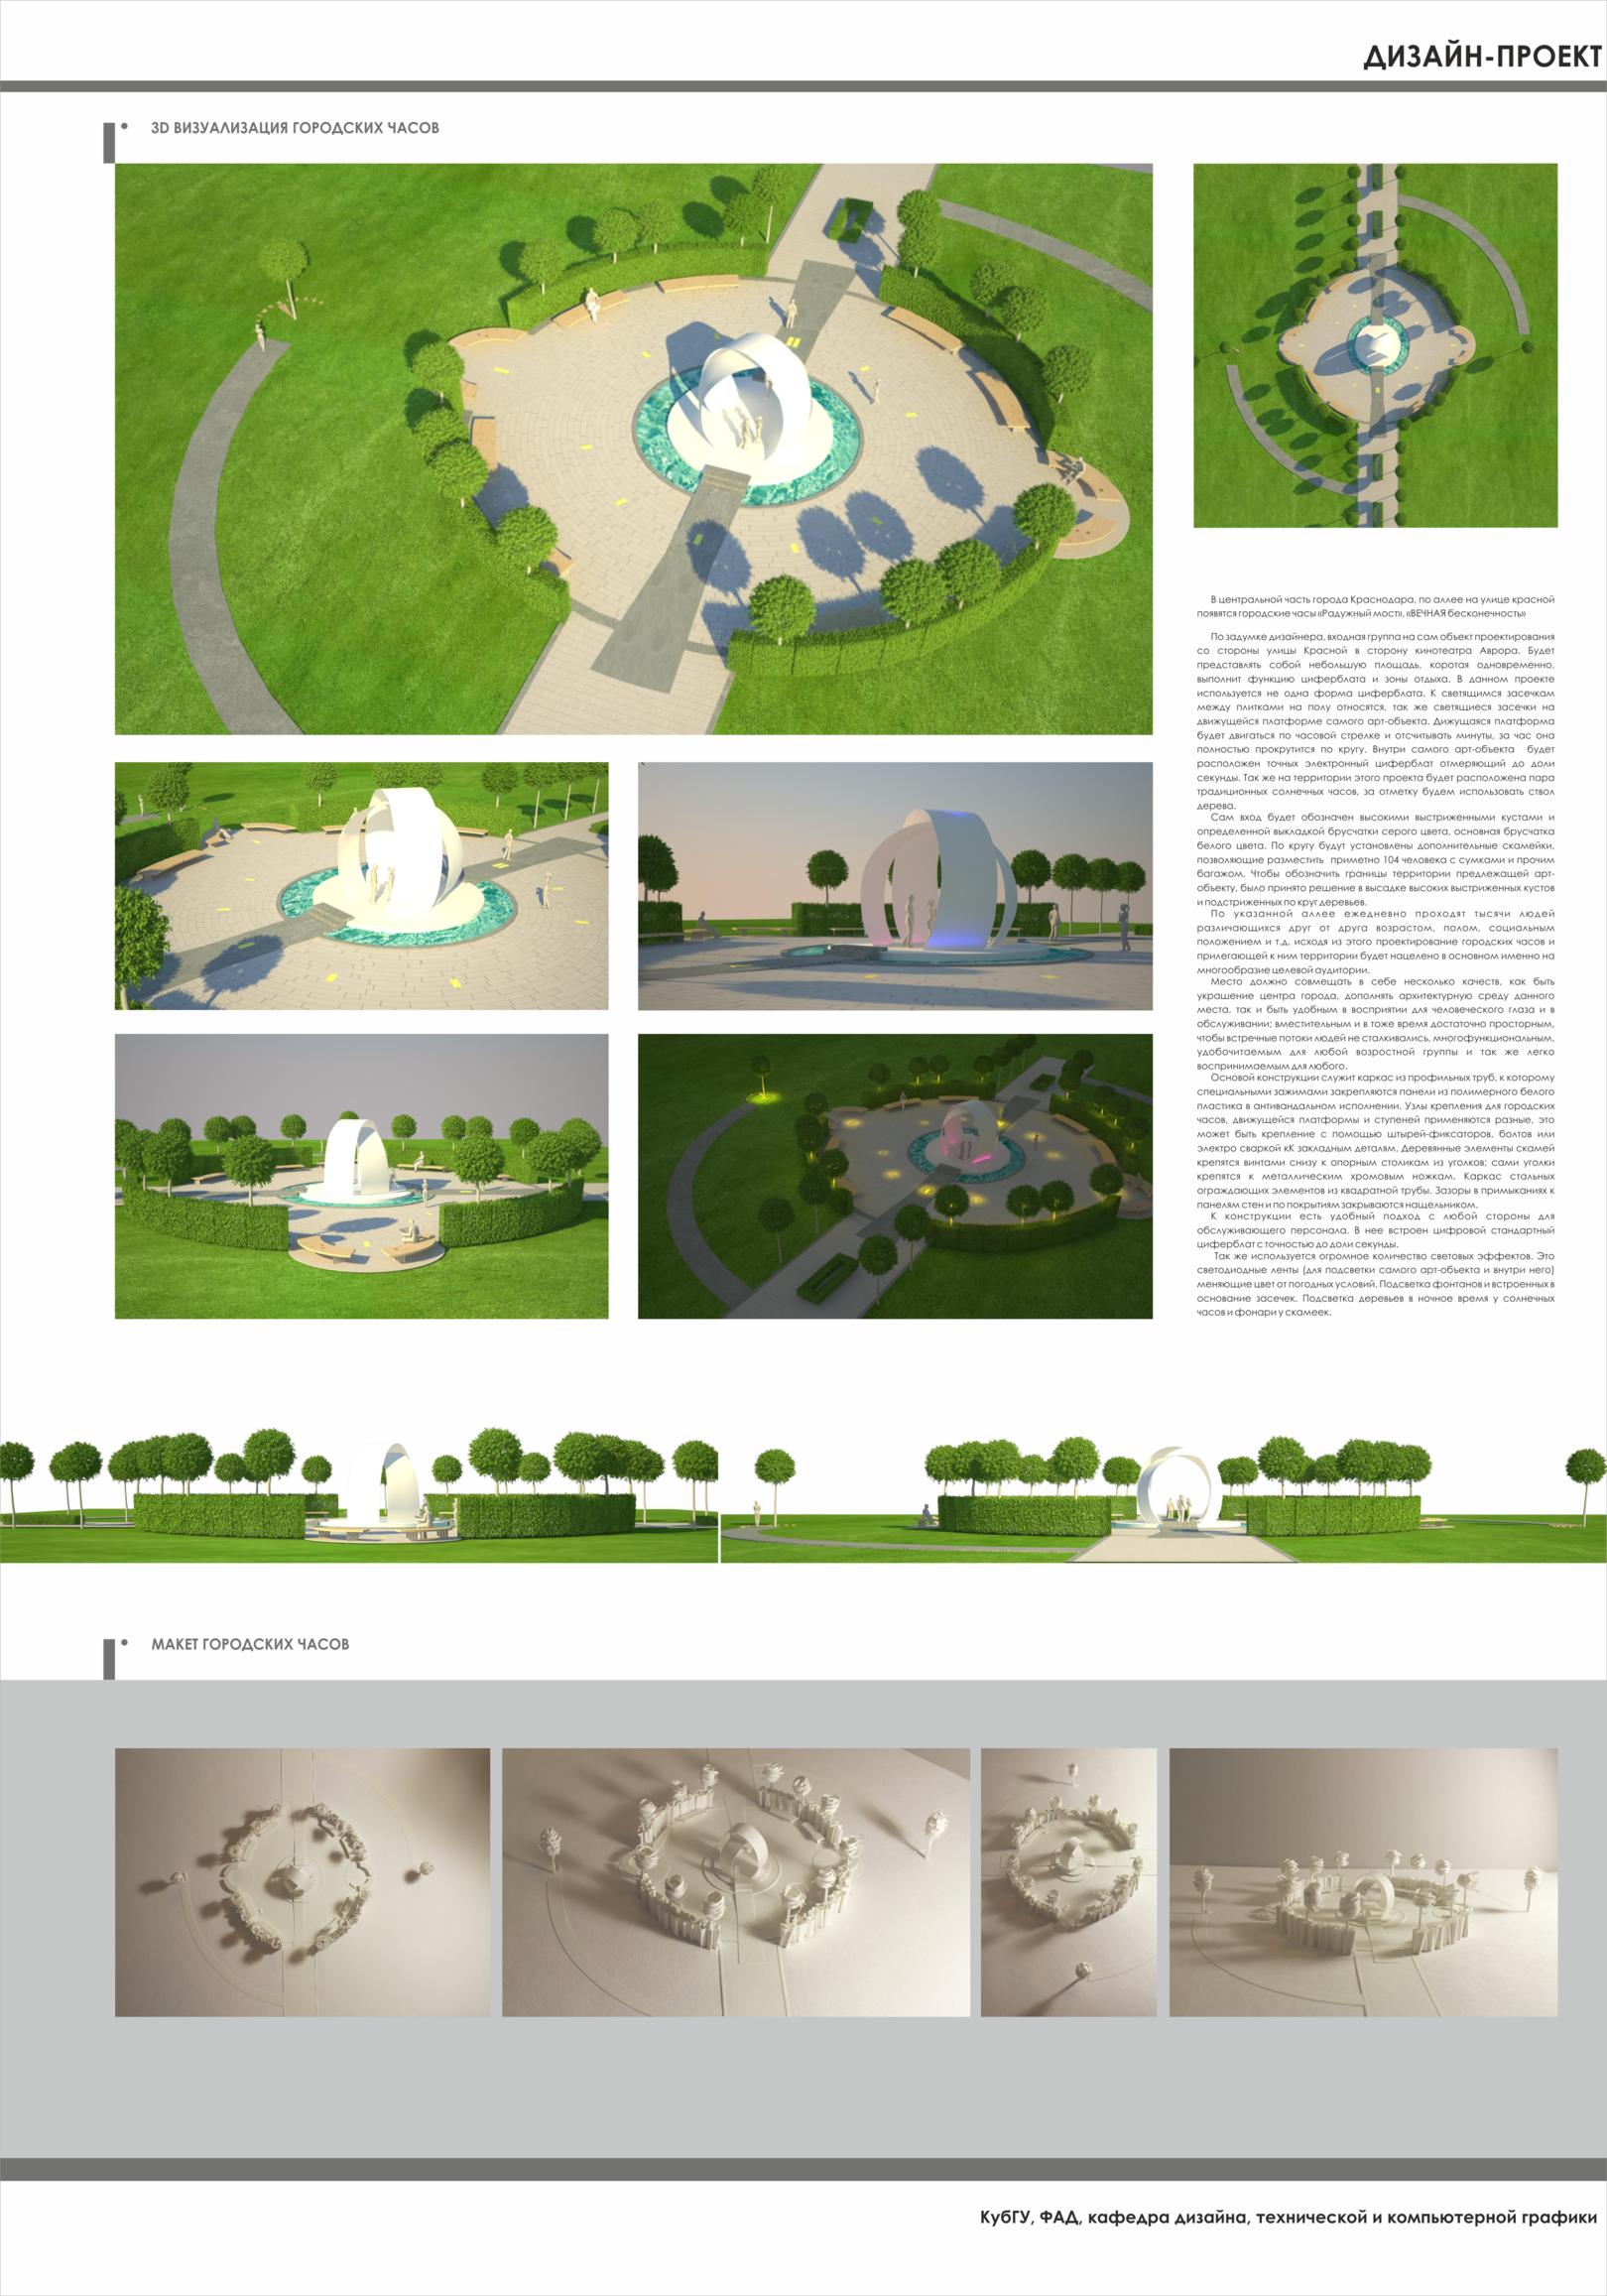 Дизайн-проект городских часов